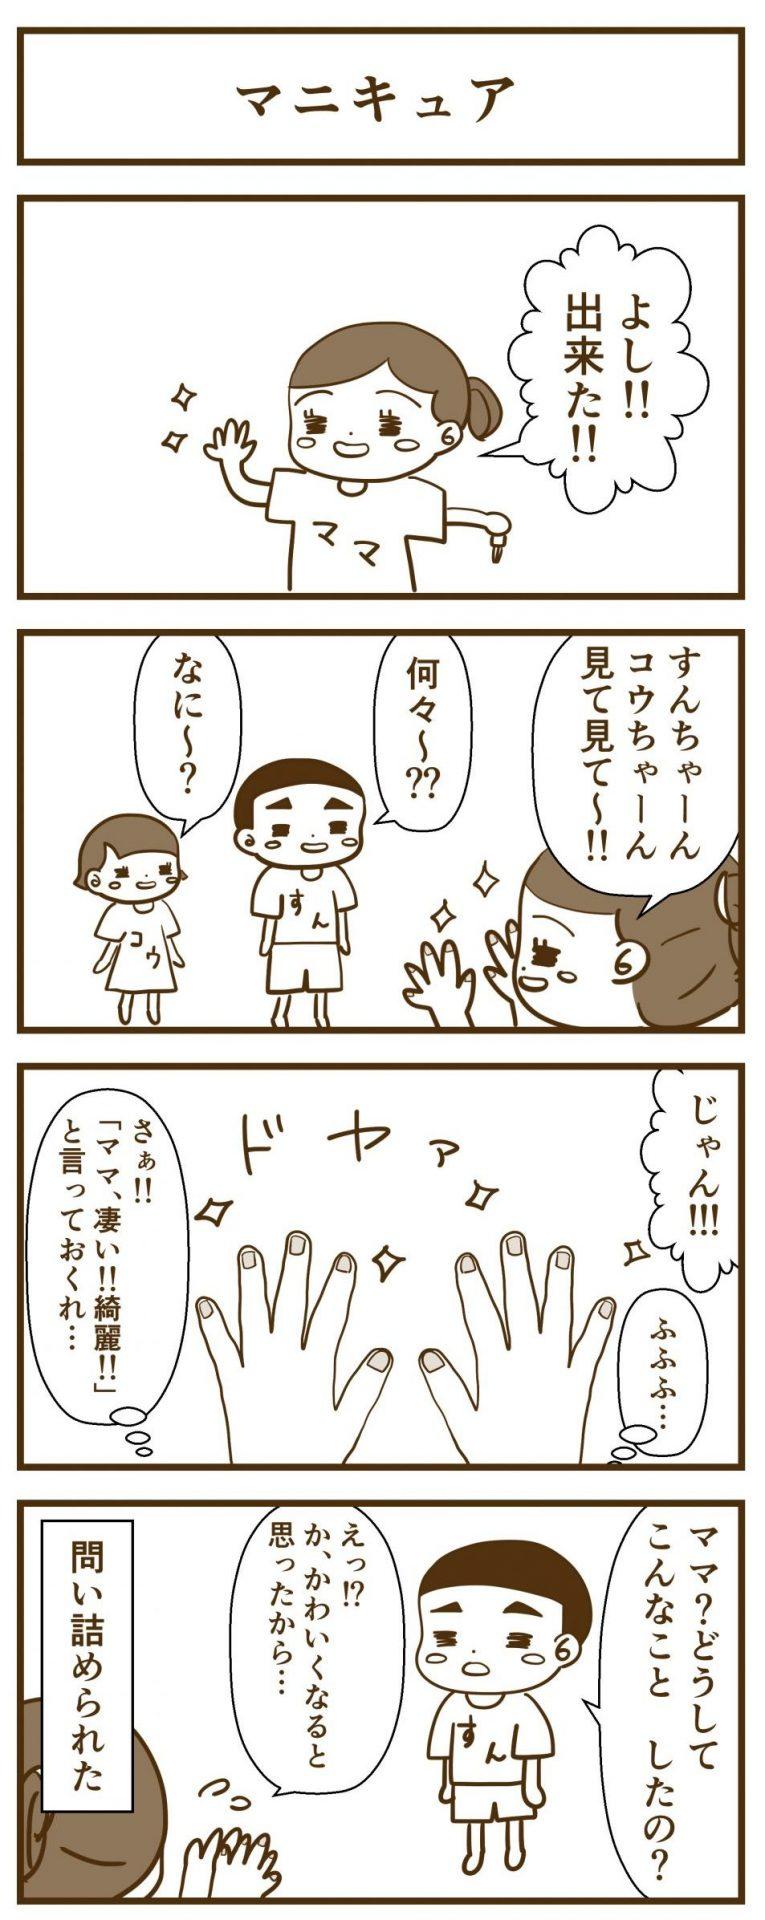 マニキュア4コマ